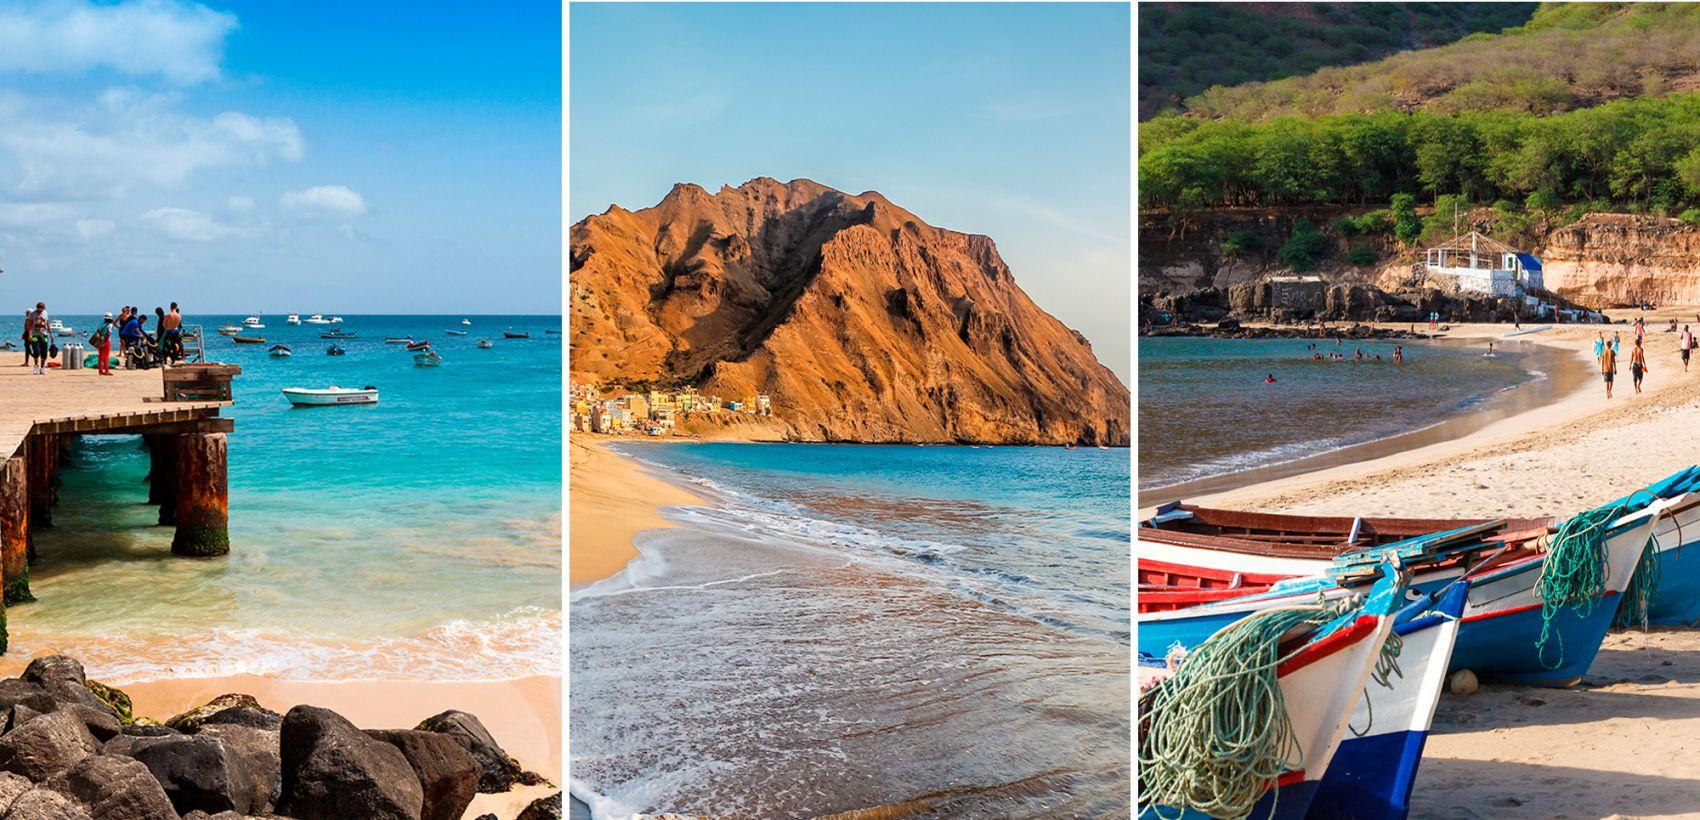 Cabo Verde à la Carte: Sal+S.Vicente+Santiago- 01.11 a 24.04